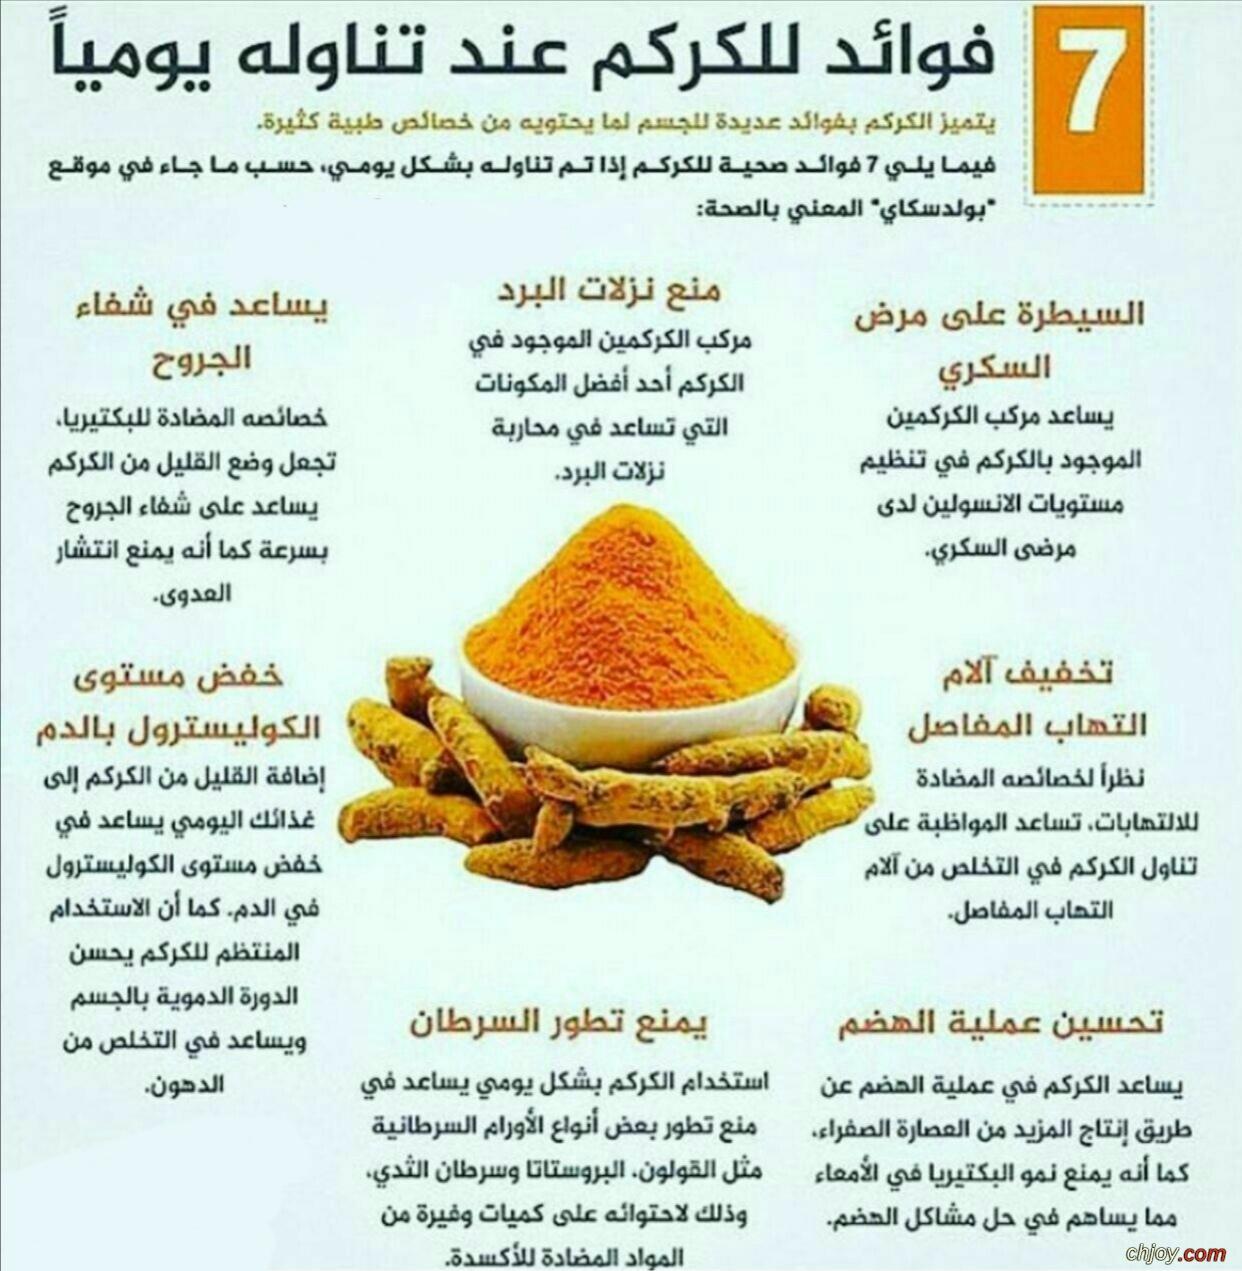 7 فوائد للكركم عند تناوله يوميآ